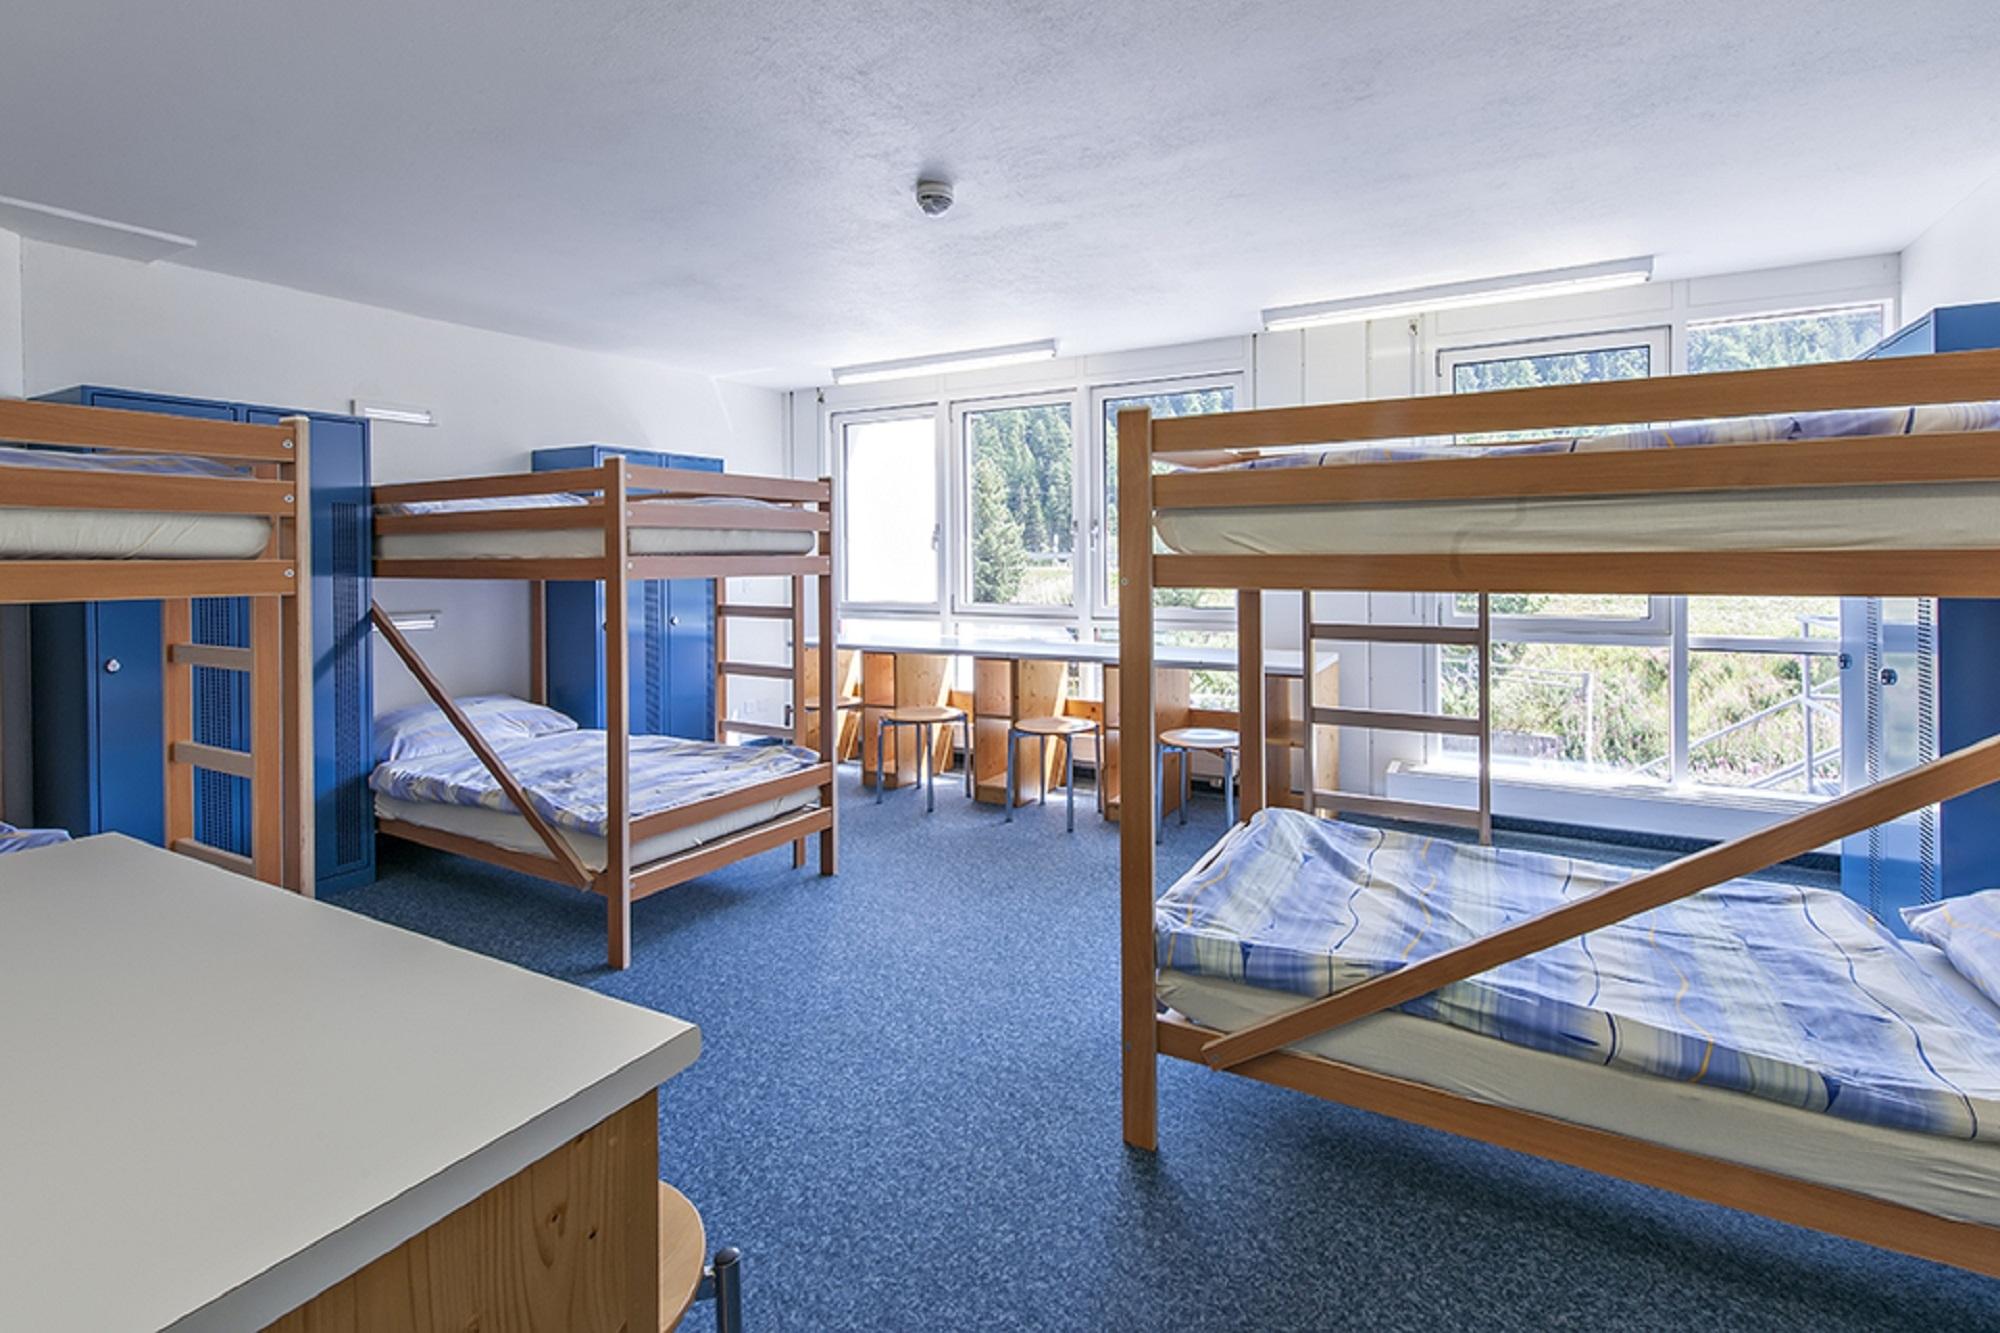 All In One Hotel Inn Lodge Slide 1